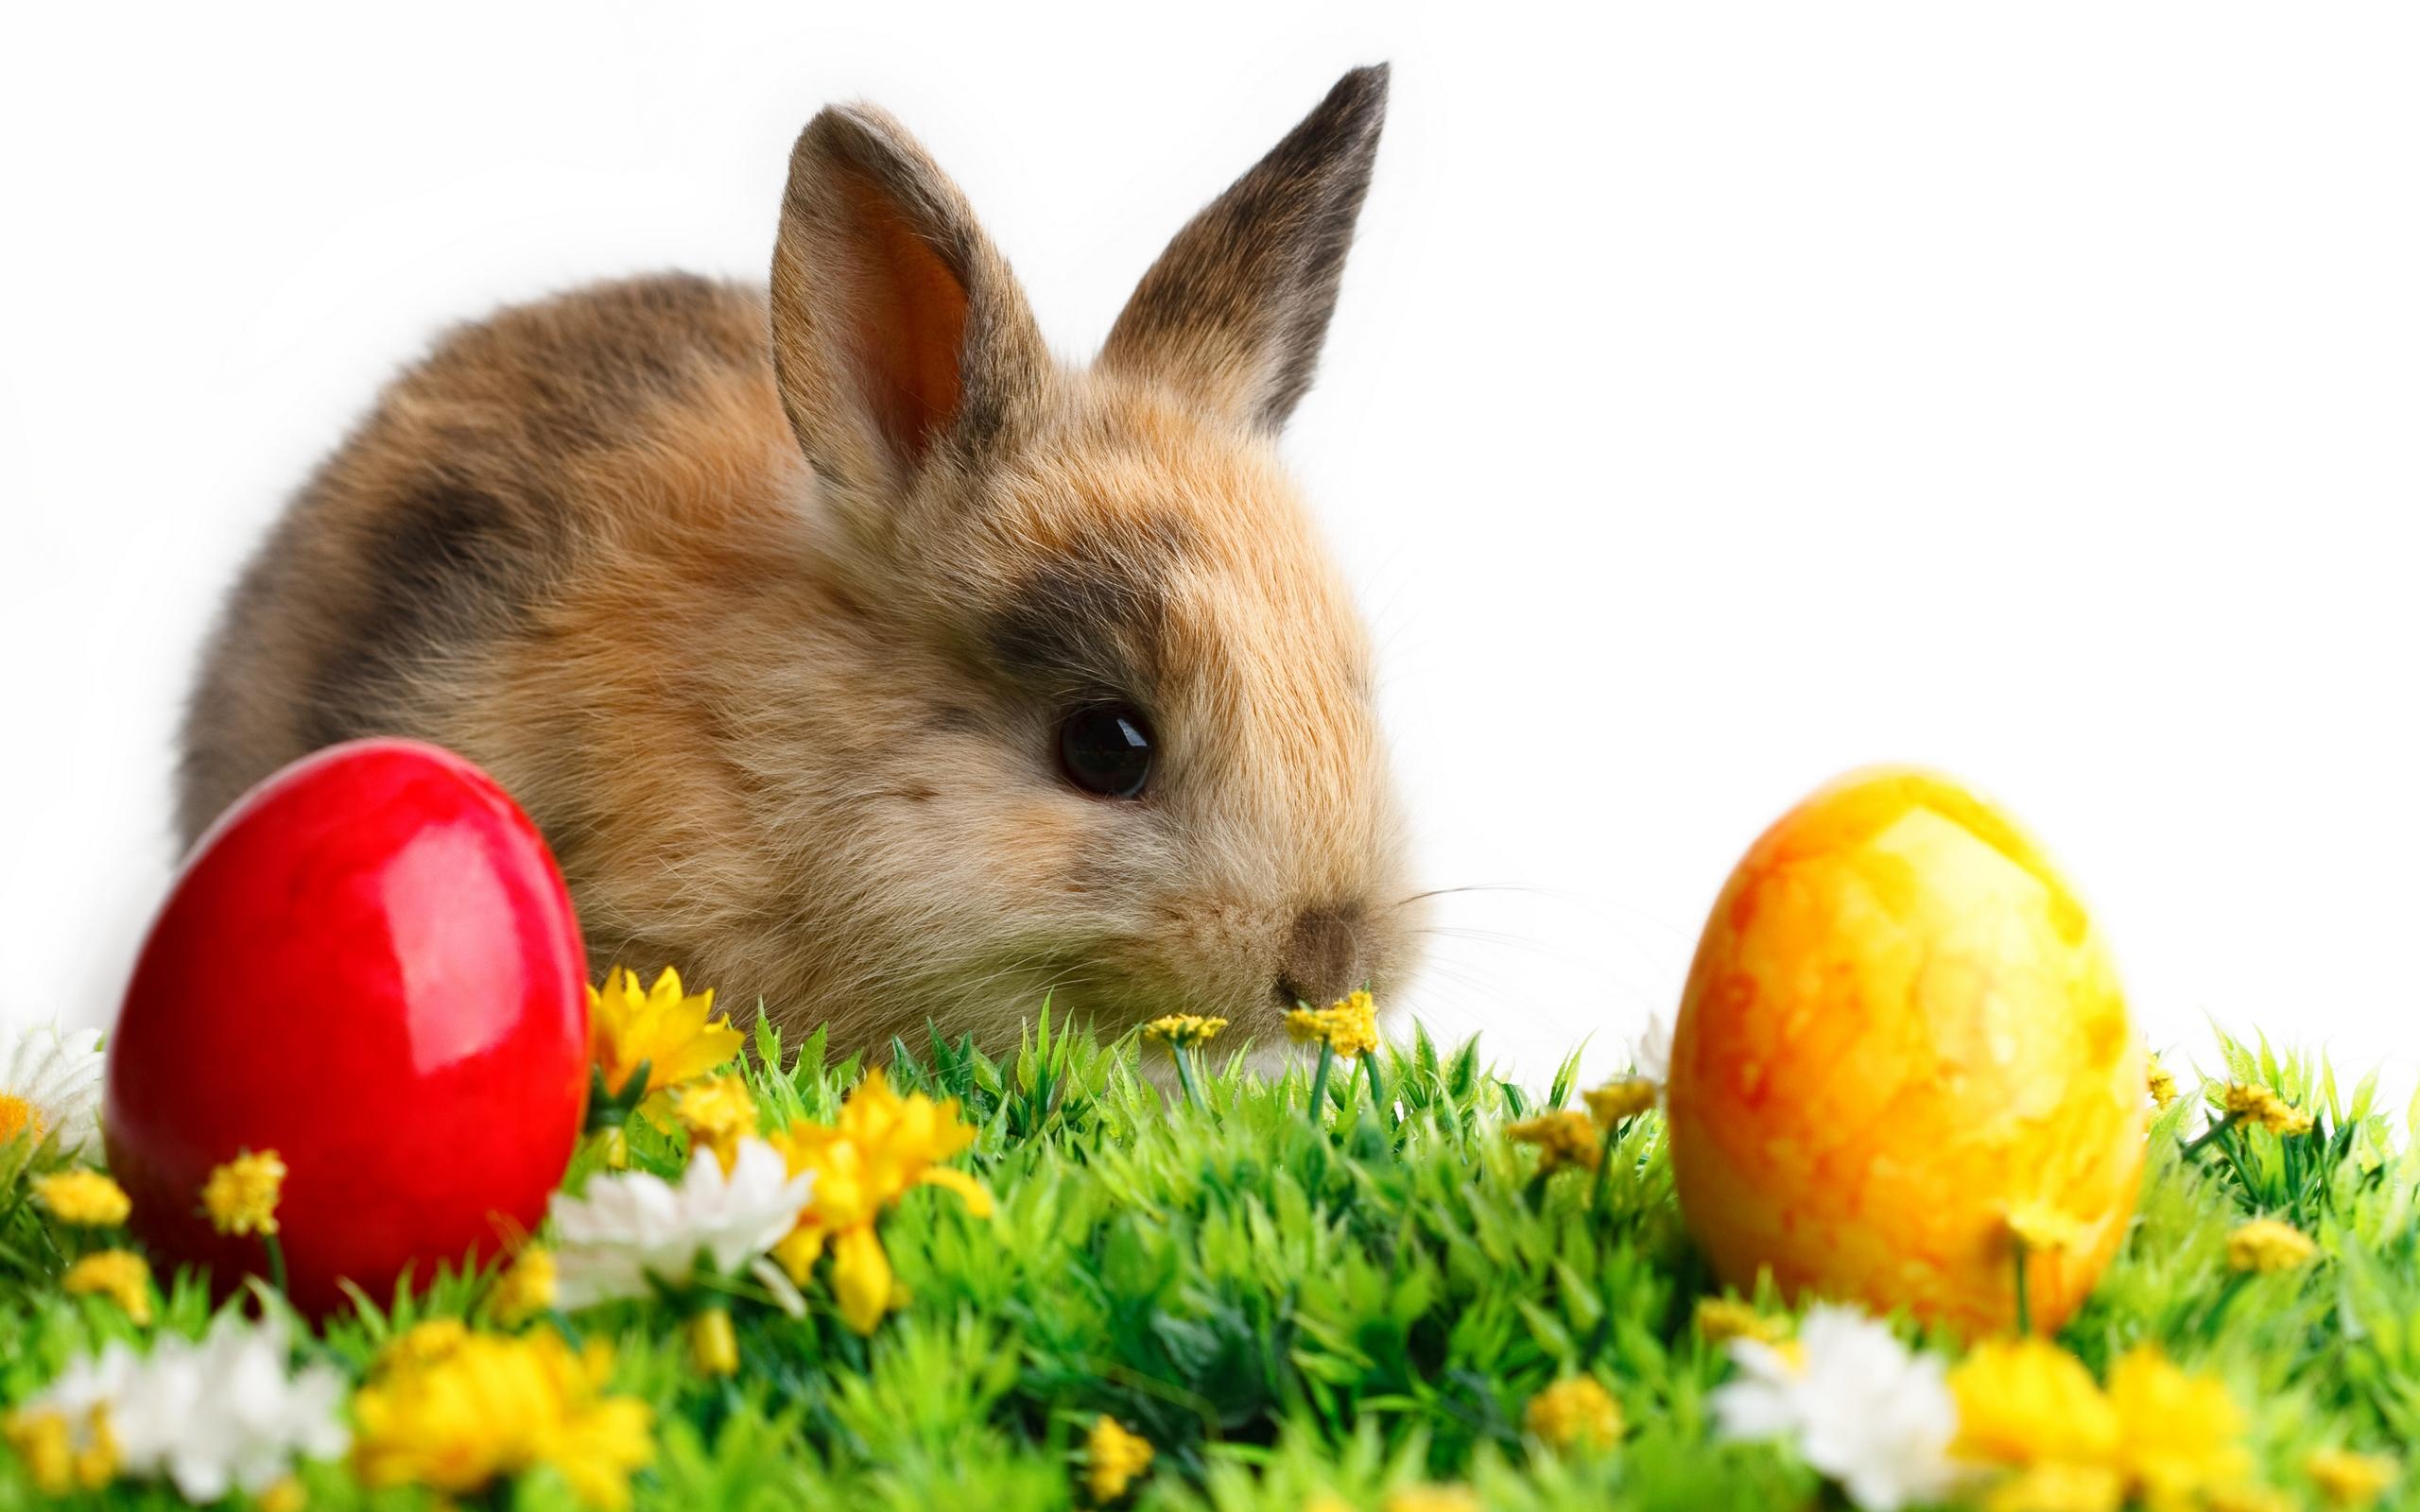 Easter 2014 Desktop Backgrounds   Wallpaper High Definition High 2560x1600